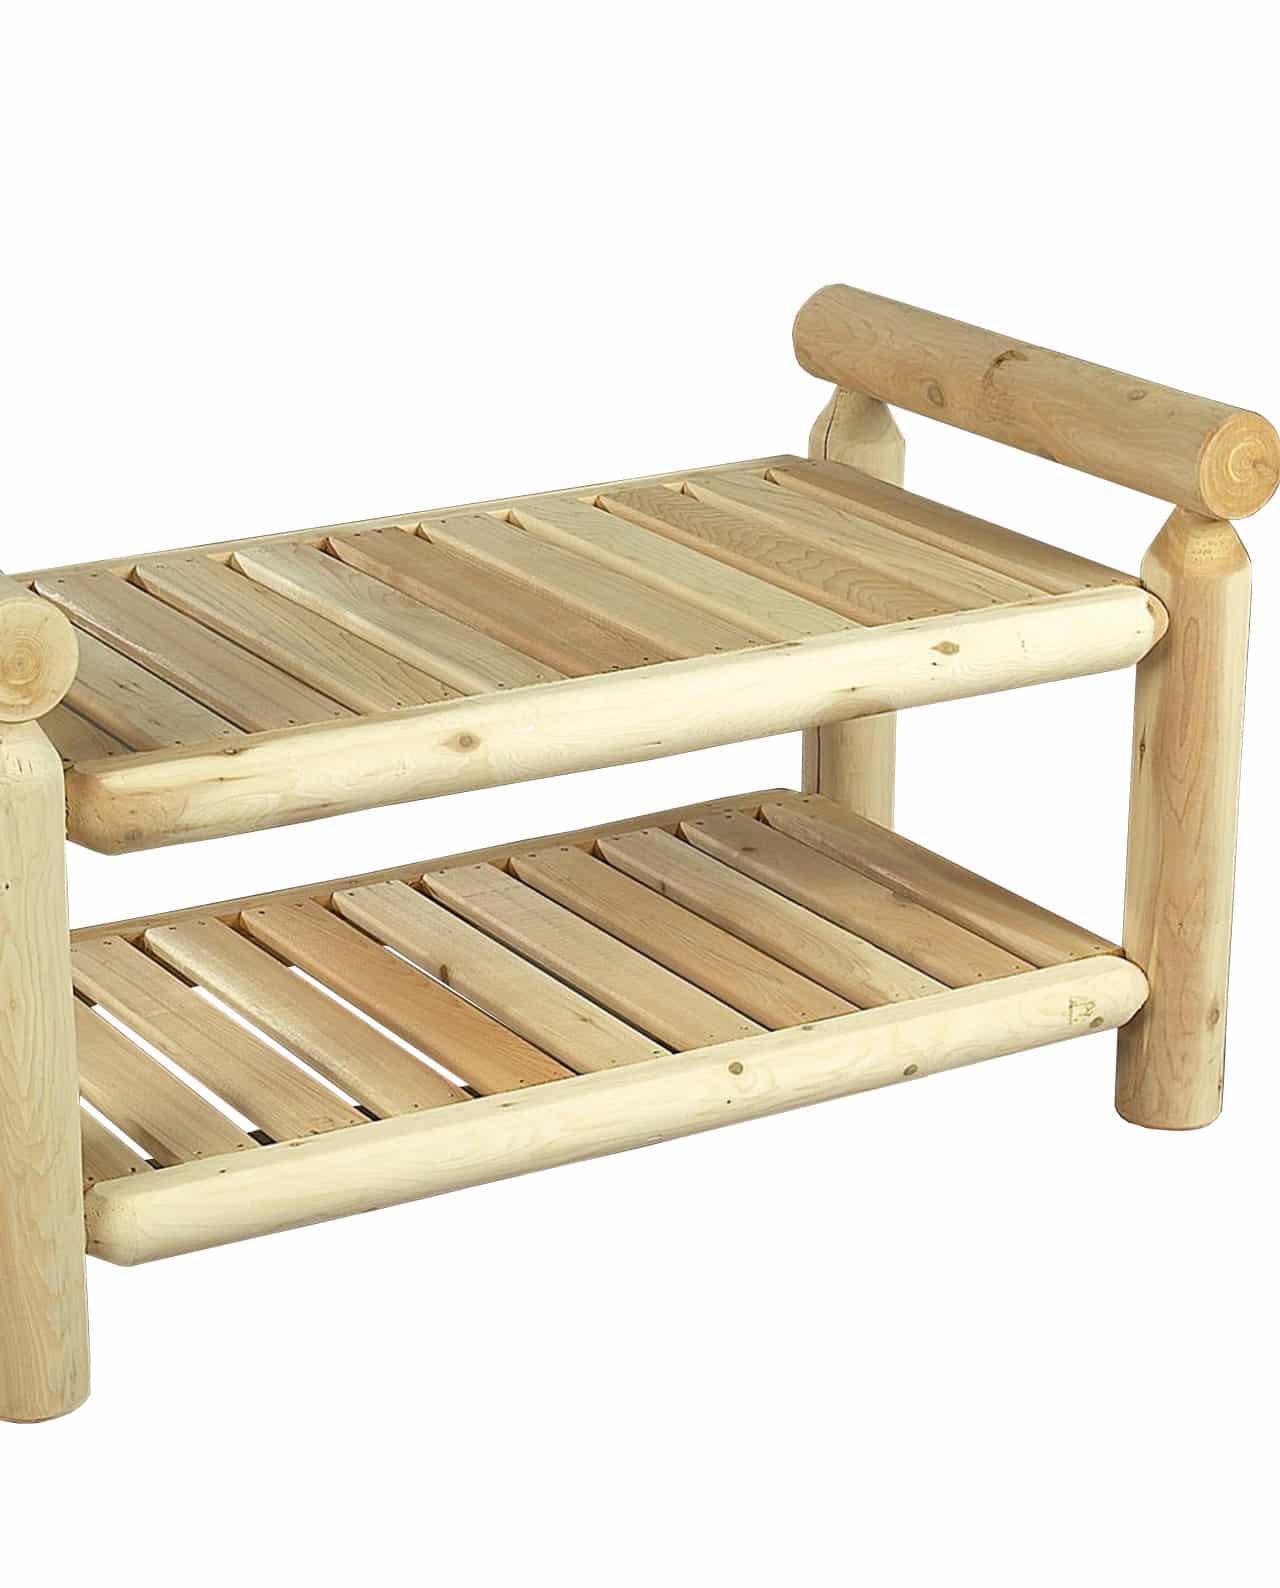 meuble d'appoint en bois cèdre blanc